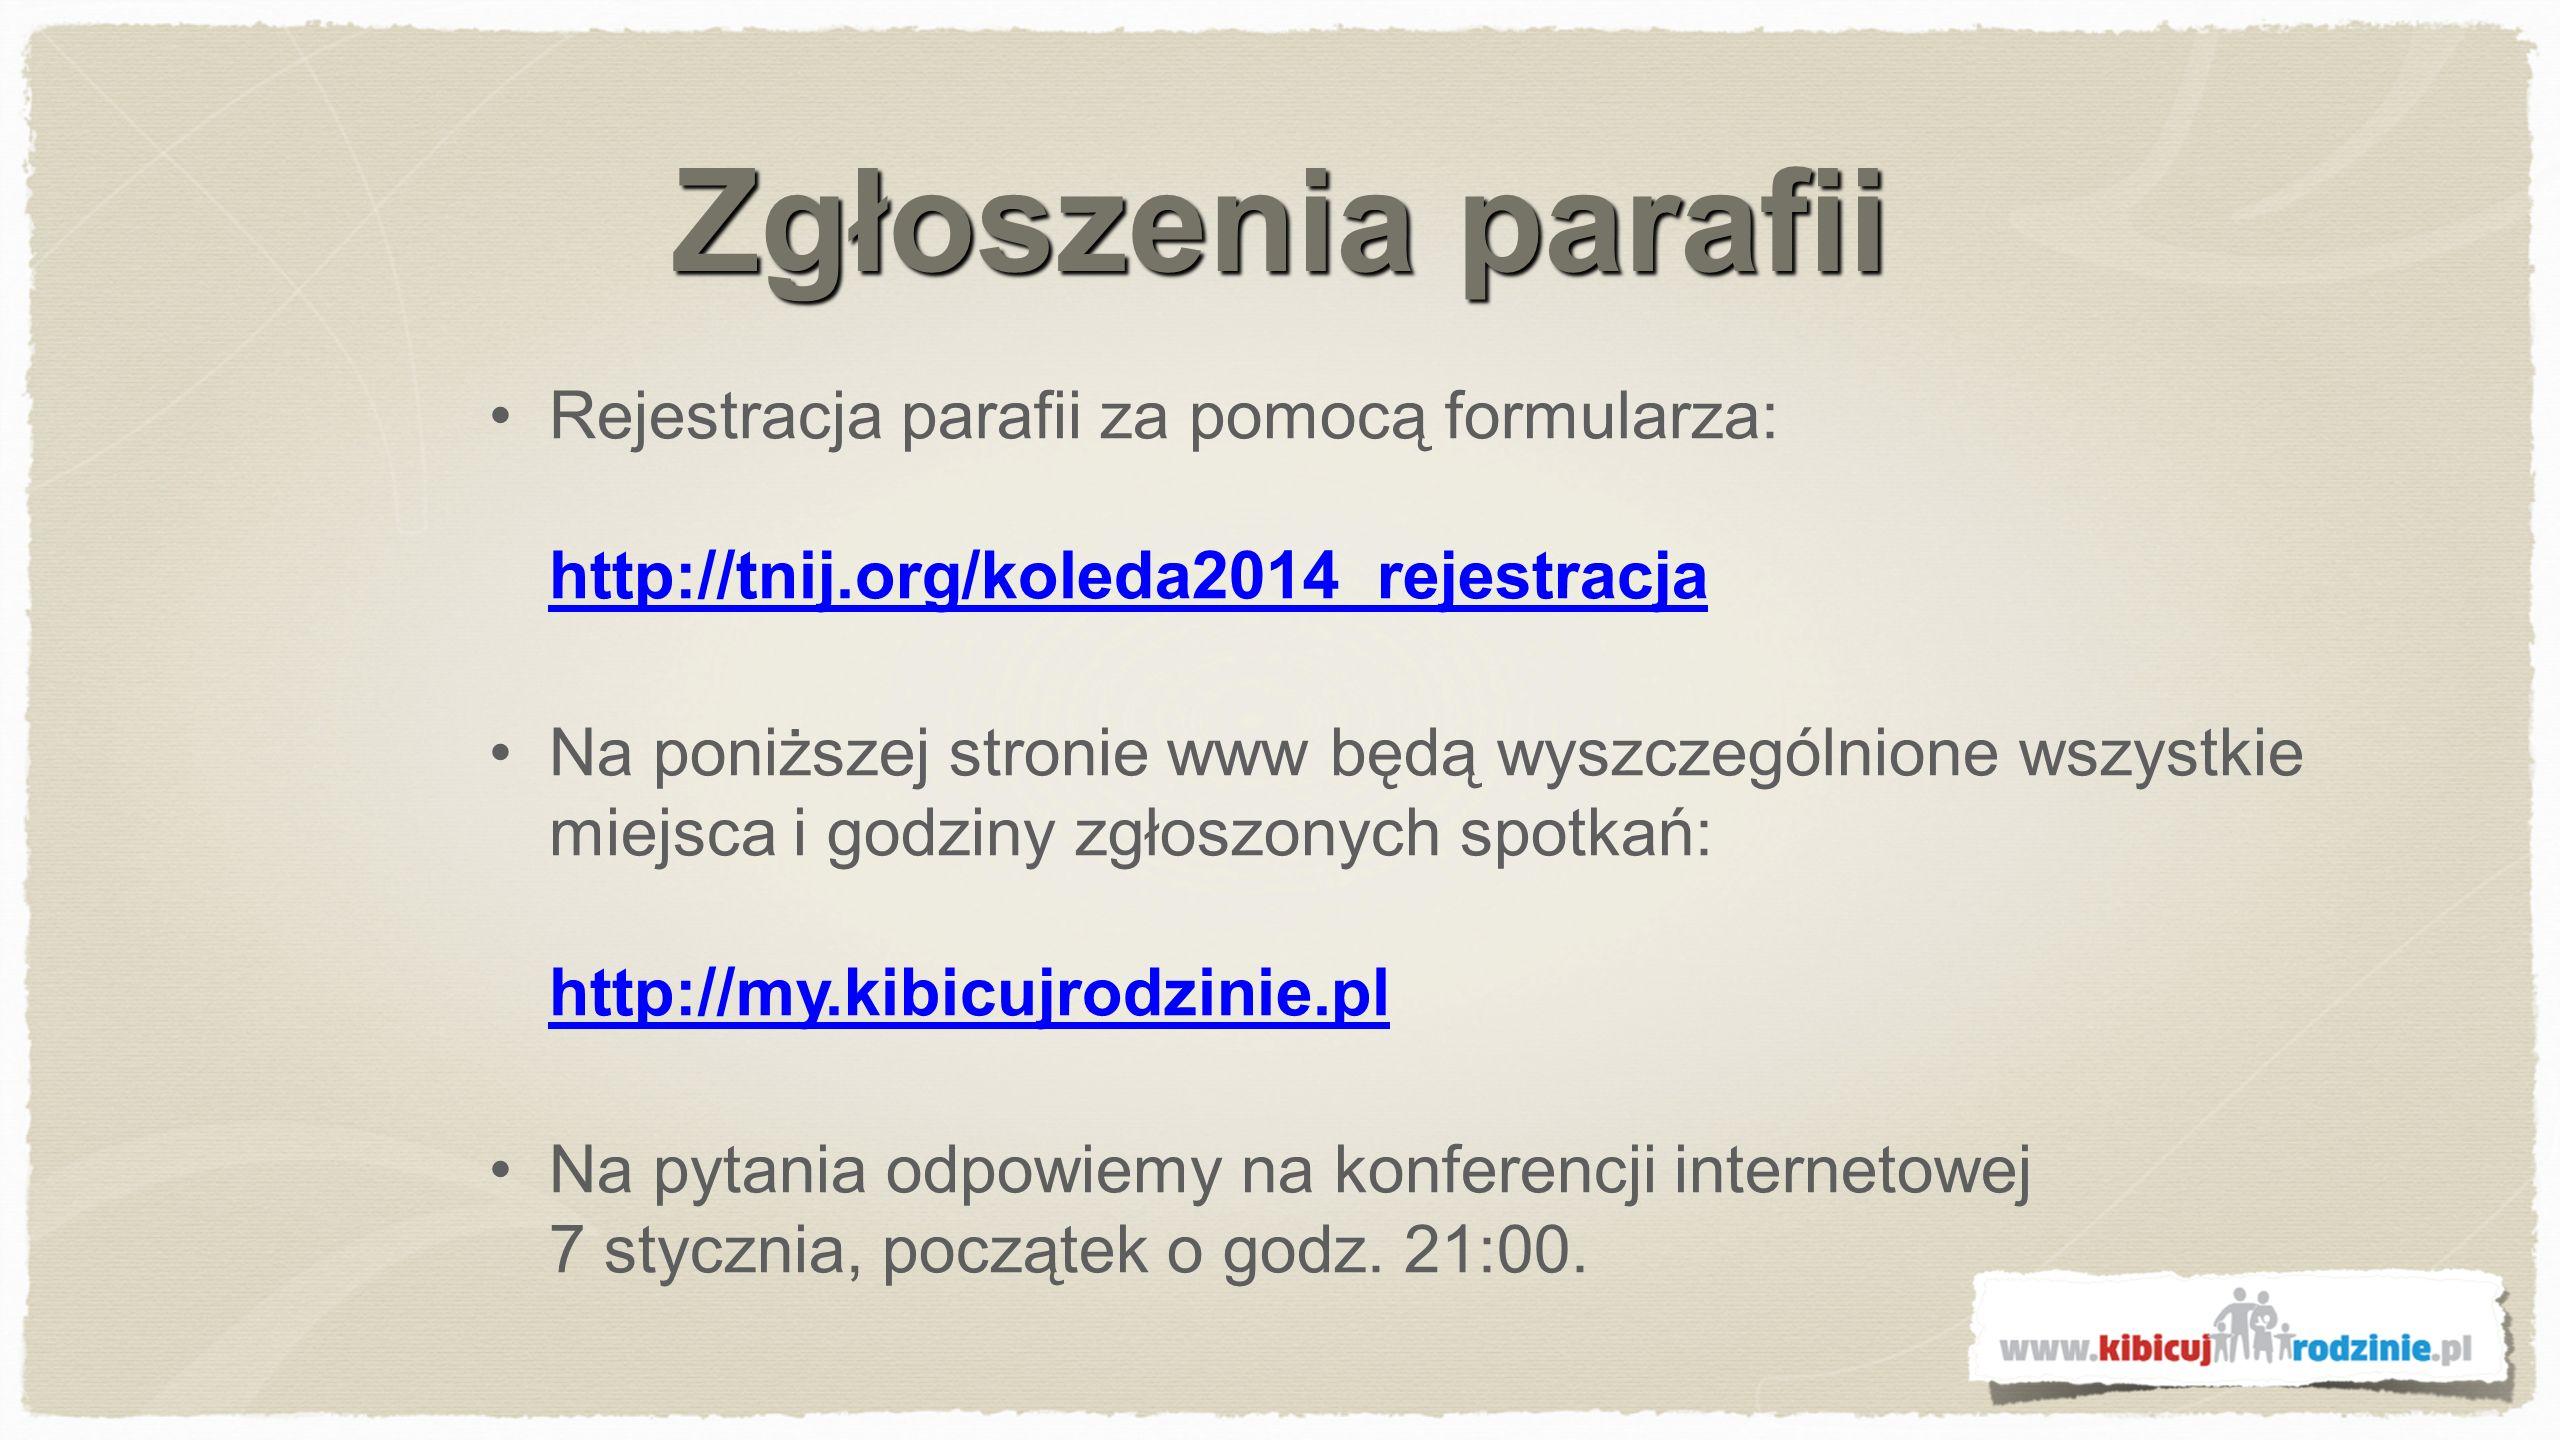 Konferencja internetowa 7 stycznia godz.21:00 rozpocznie się konferencja.